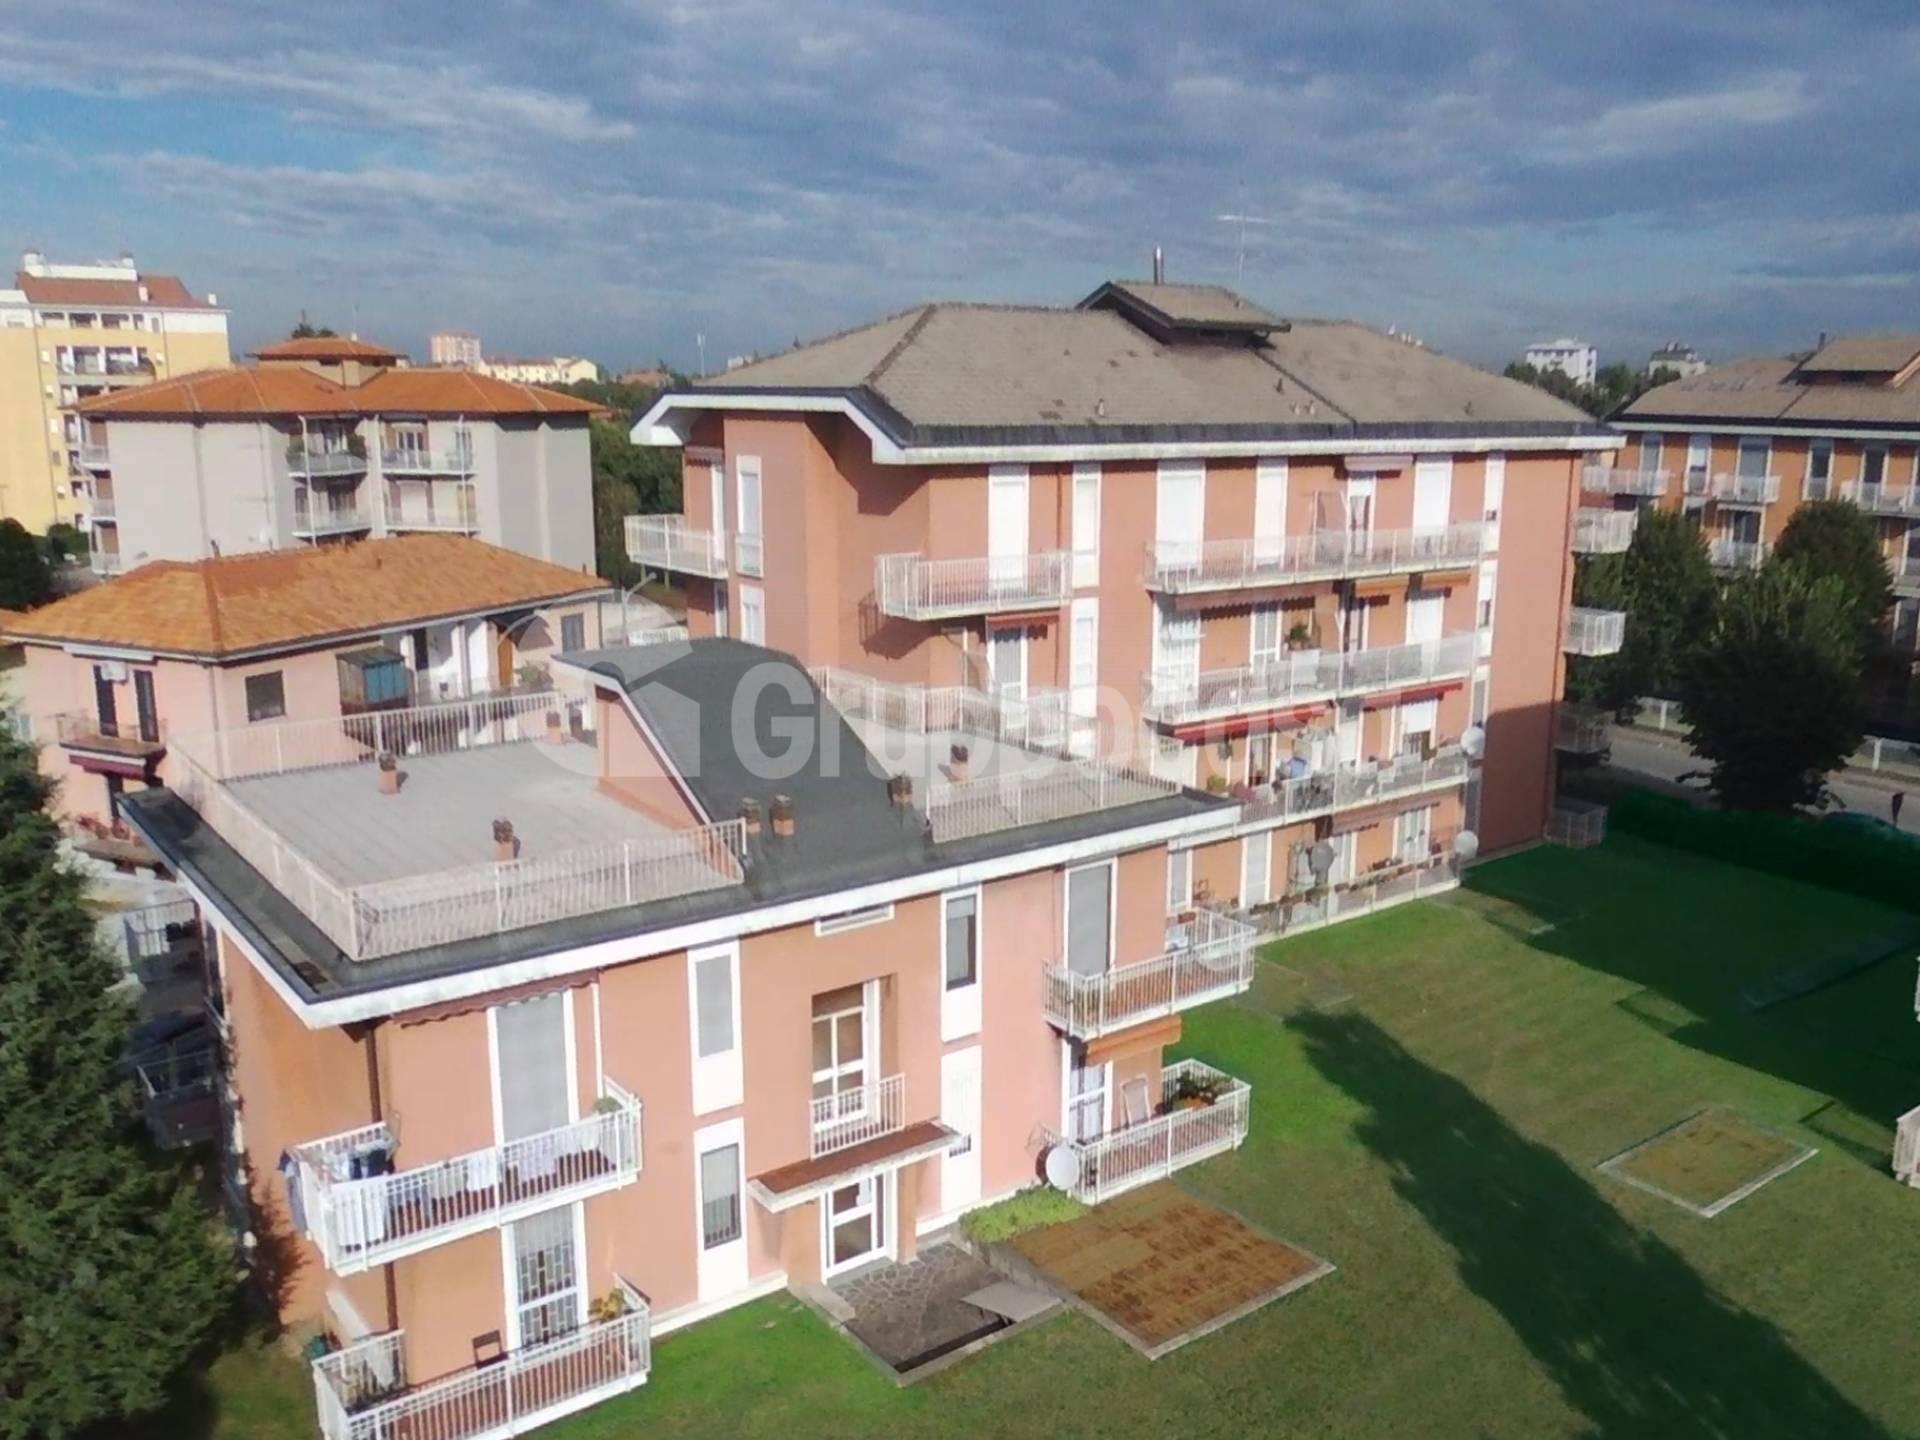 Appartamento in vendita a Abbiategrasso, 3 locali, zona adina, prezzo € 139.000 | PortaleAgenzieImmobiliari.it